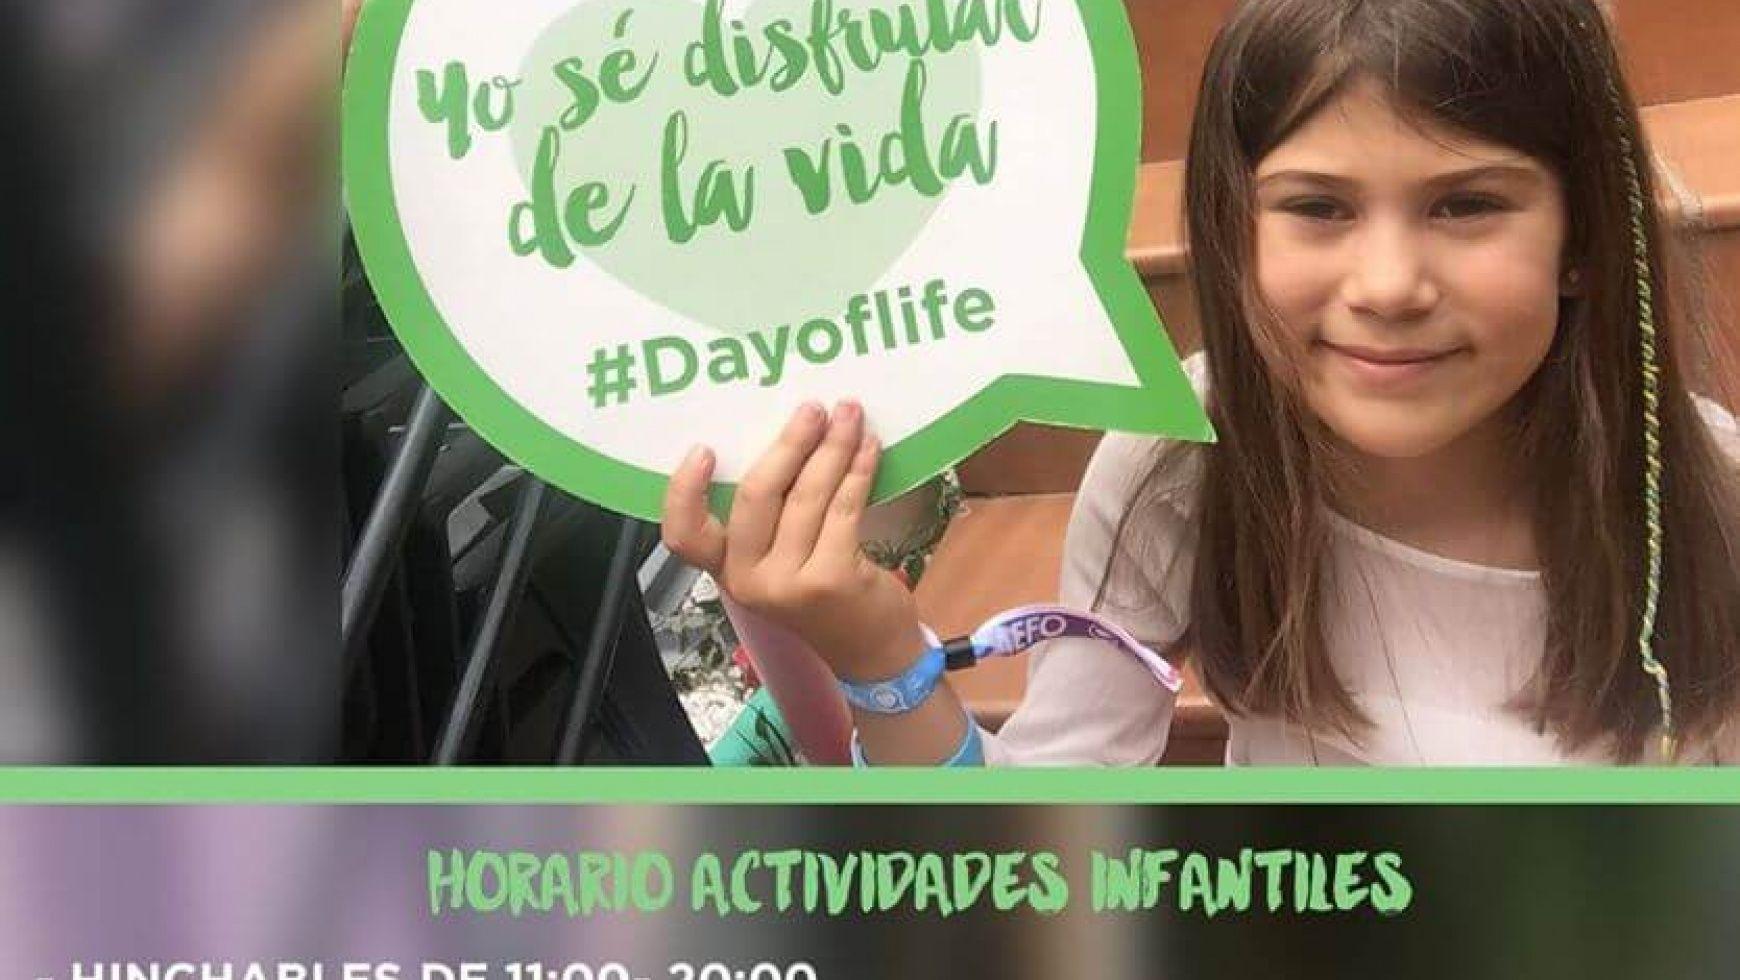 The day of life, el día mas vitalista llega el próximo 18 de junio